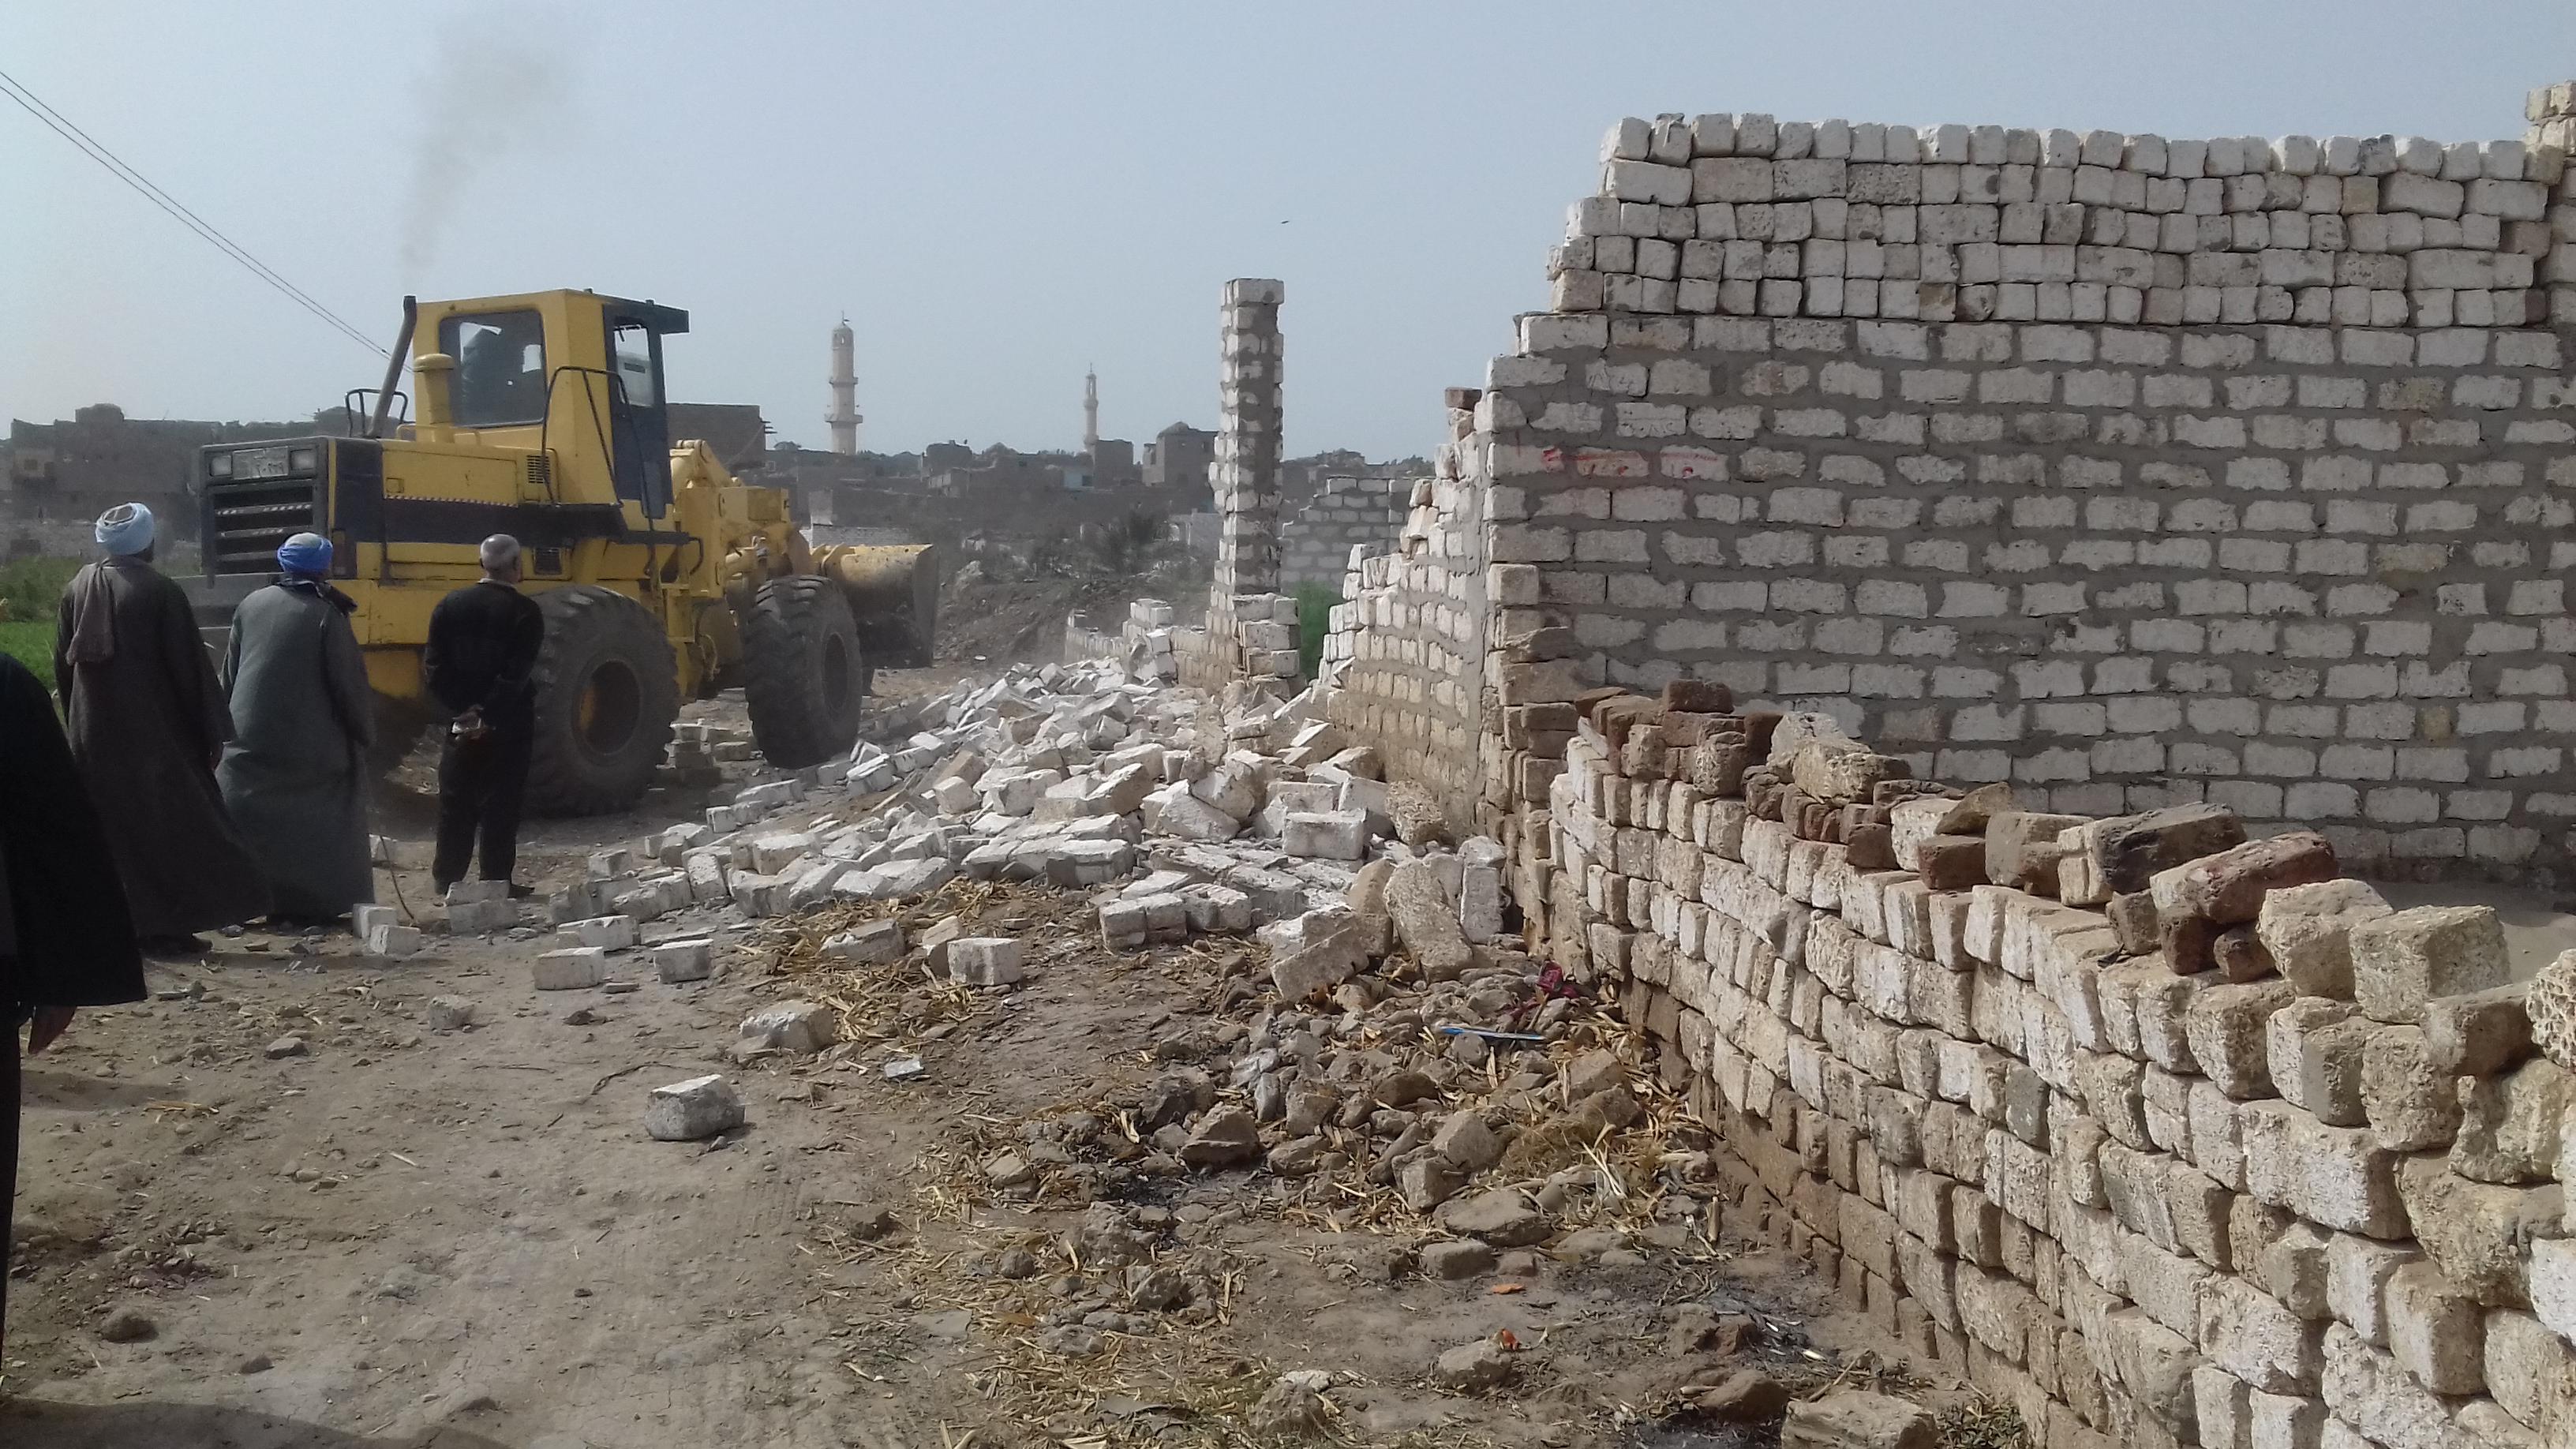 ازالة 27 حالة تعدى على مجرى نهر النيل بمركز بملوي بالمنيا  (1)